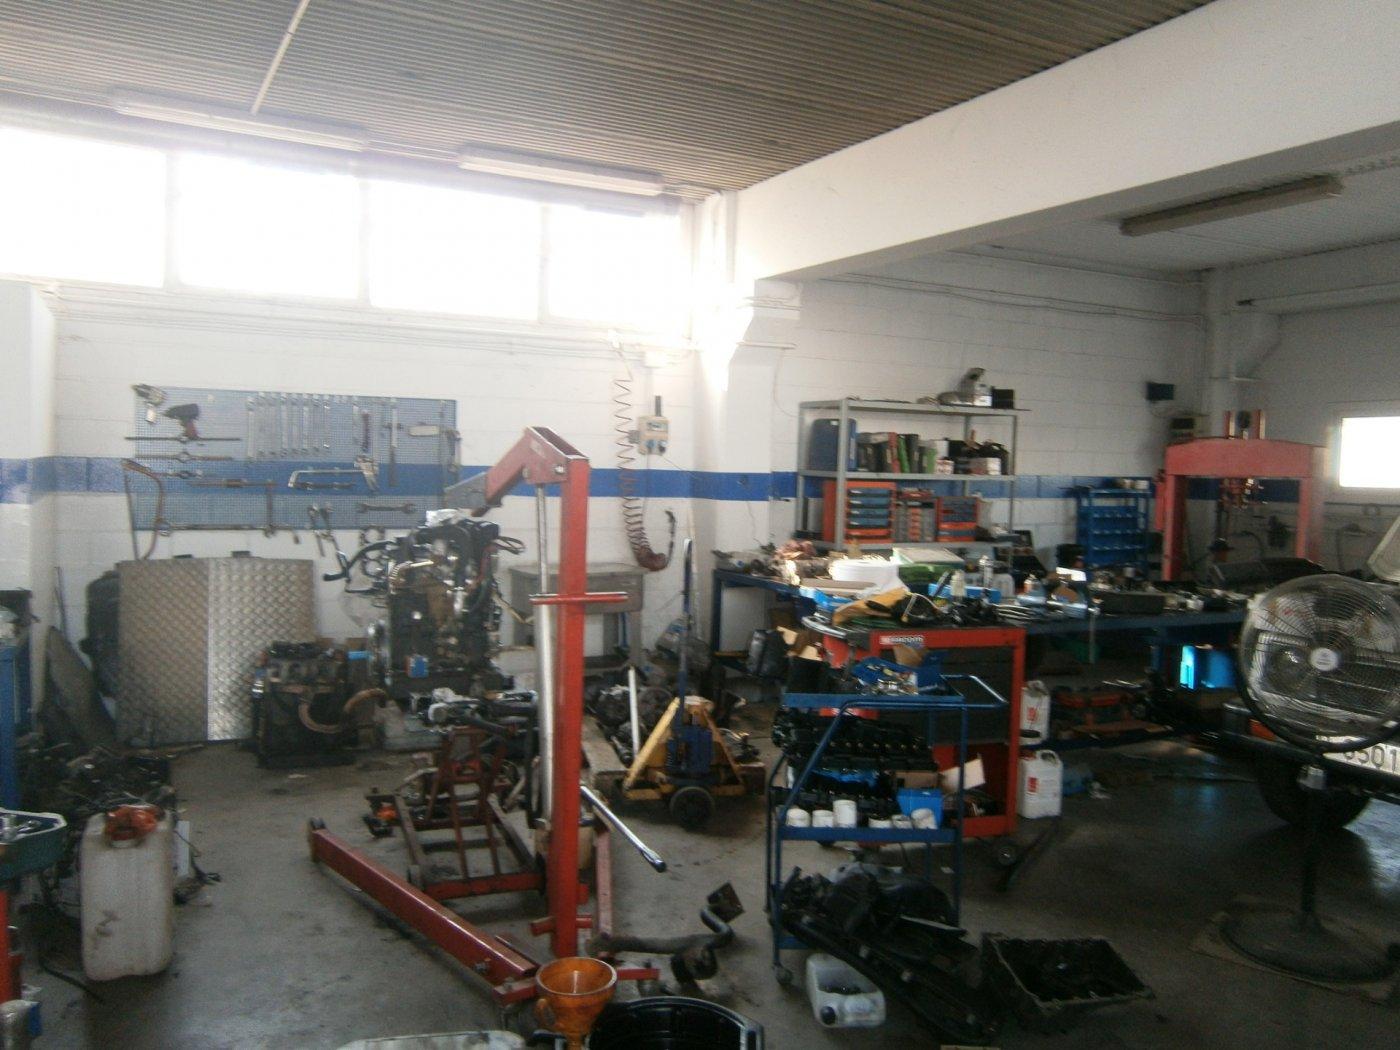 En Artes en el Poligono industrial Santa Maria. Nave Industrial  en venta.